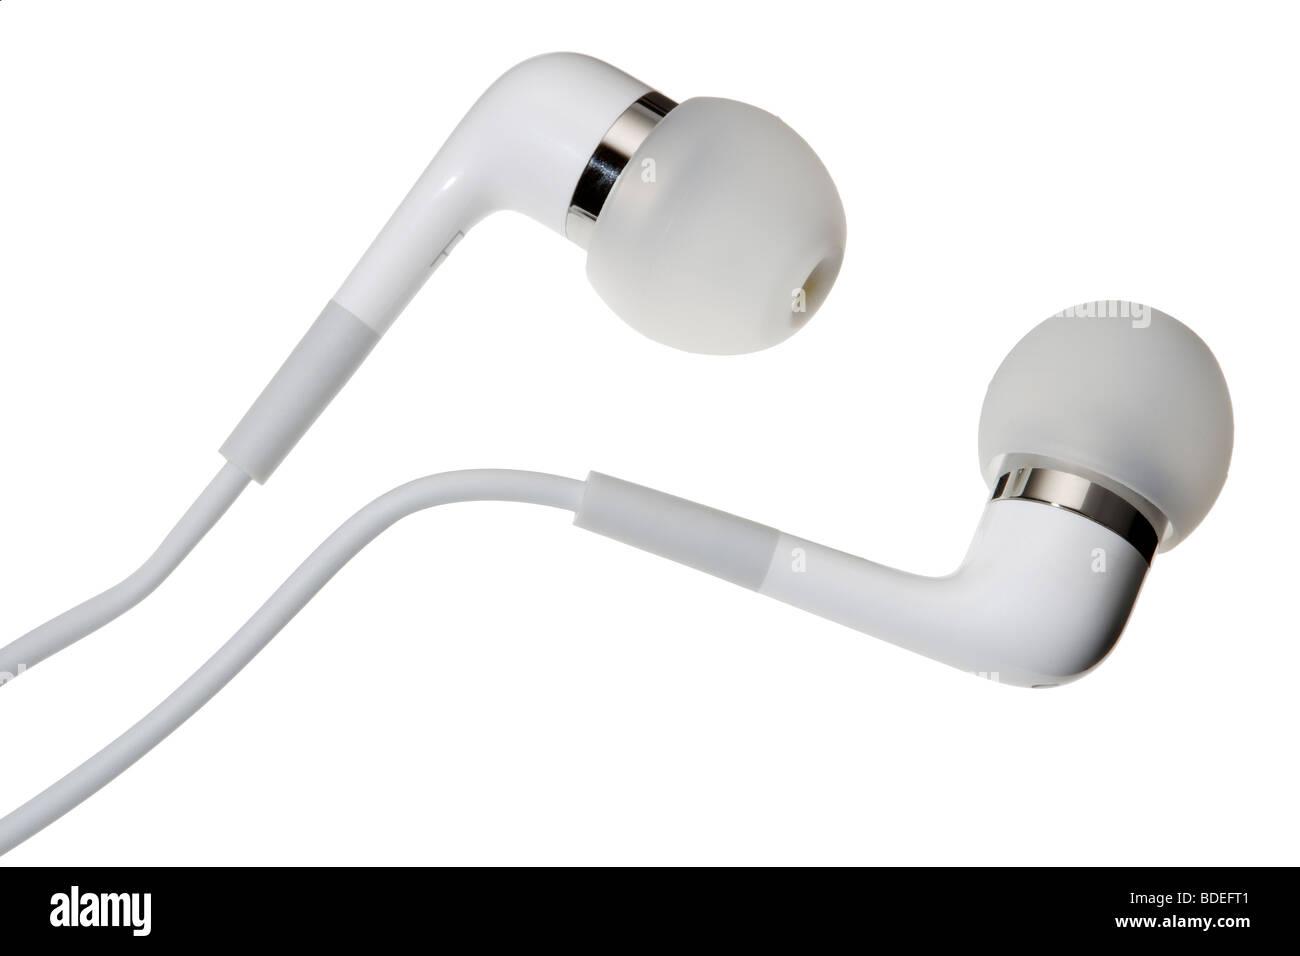 White Apple ipod earphones - Stock Image